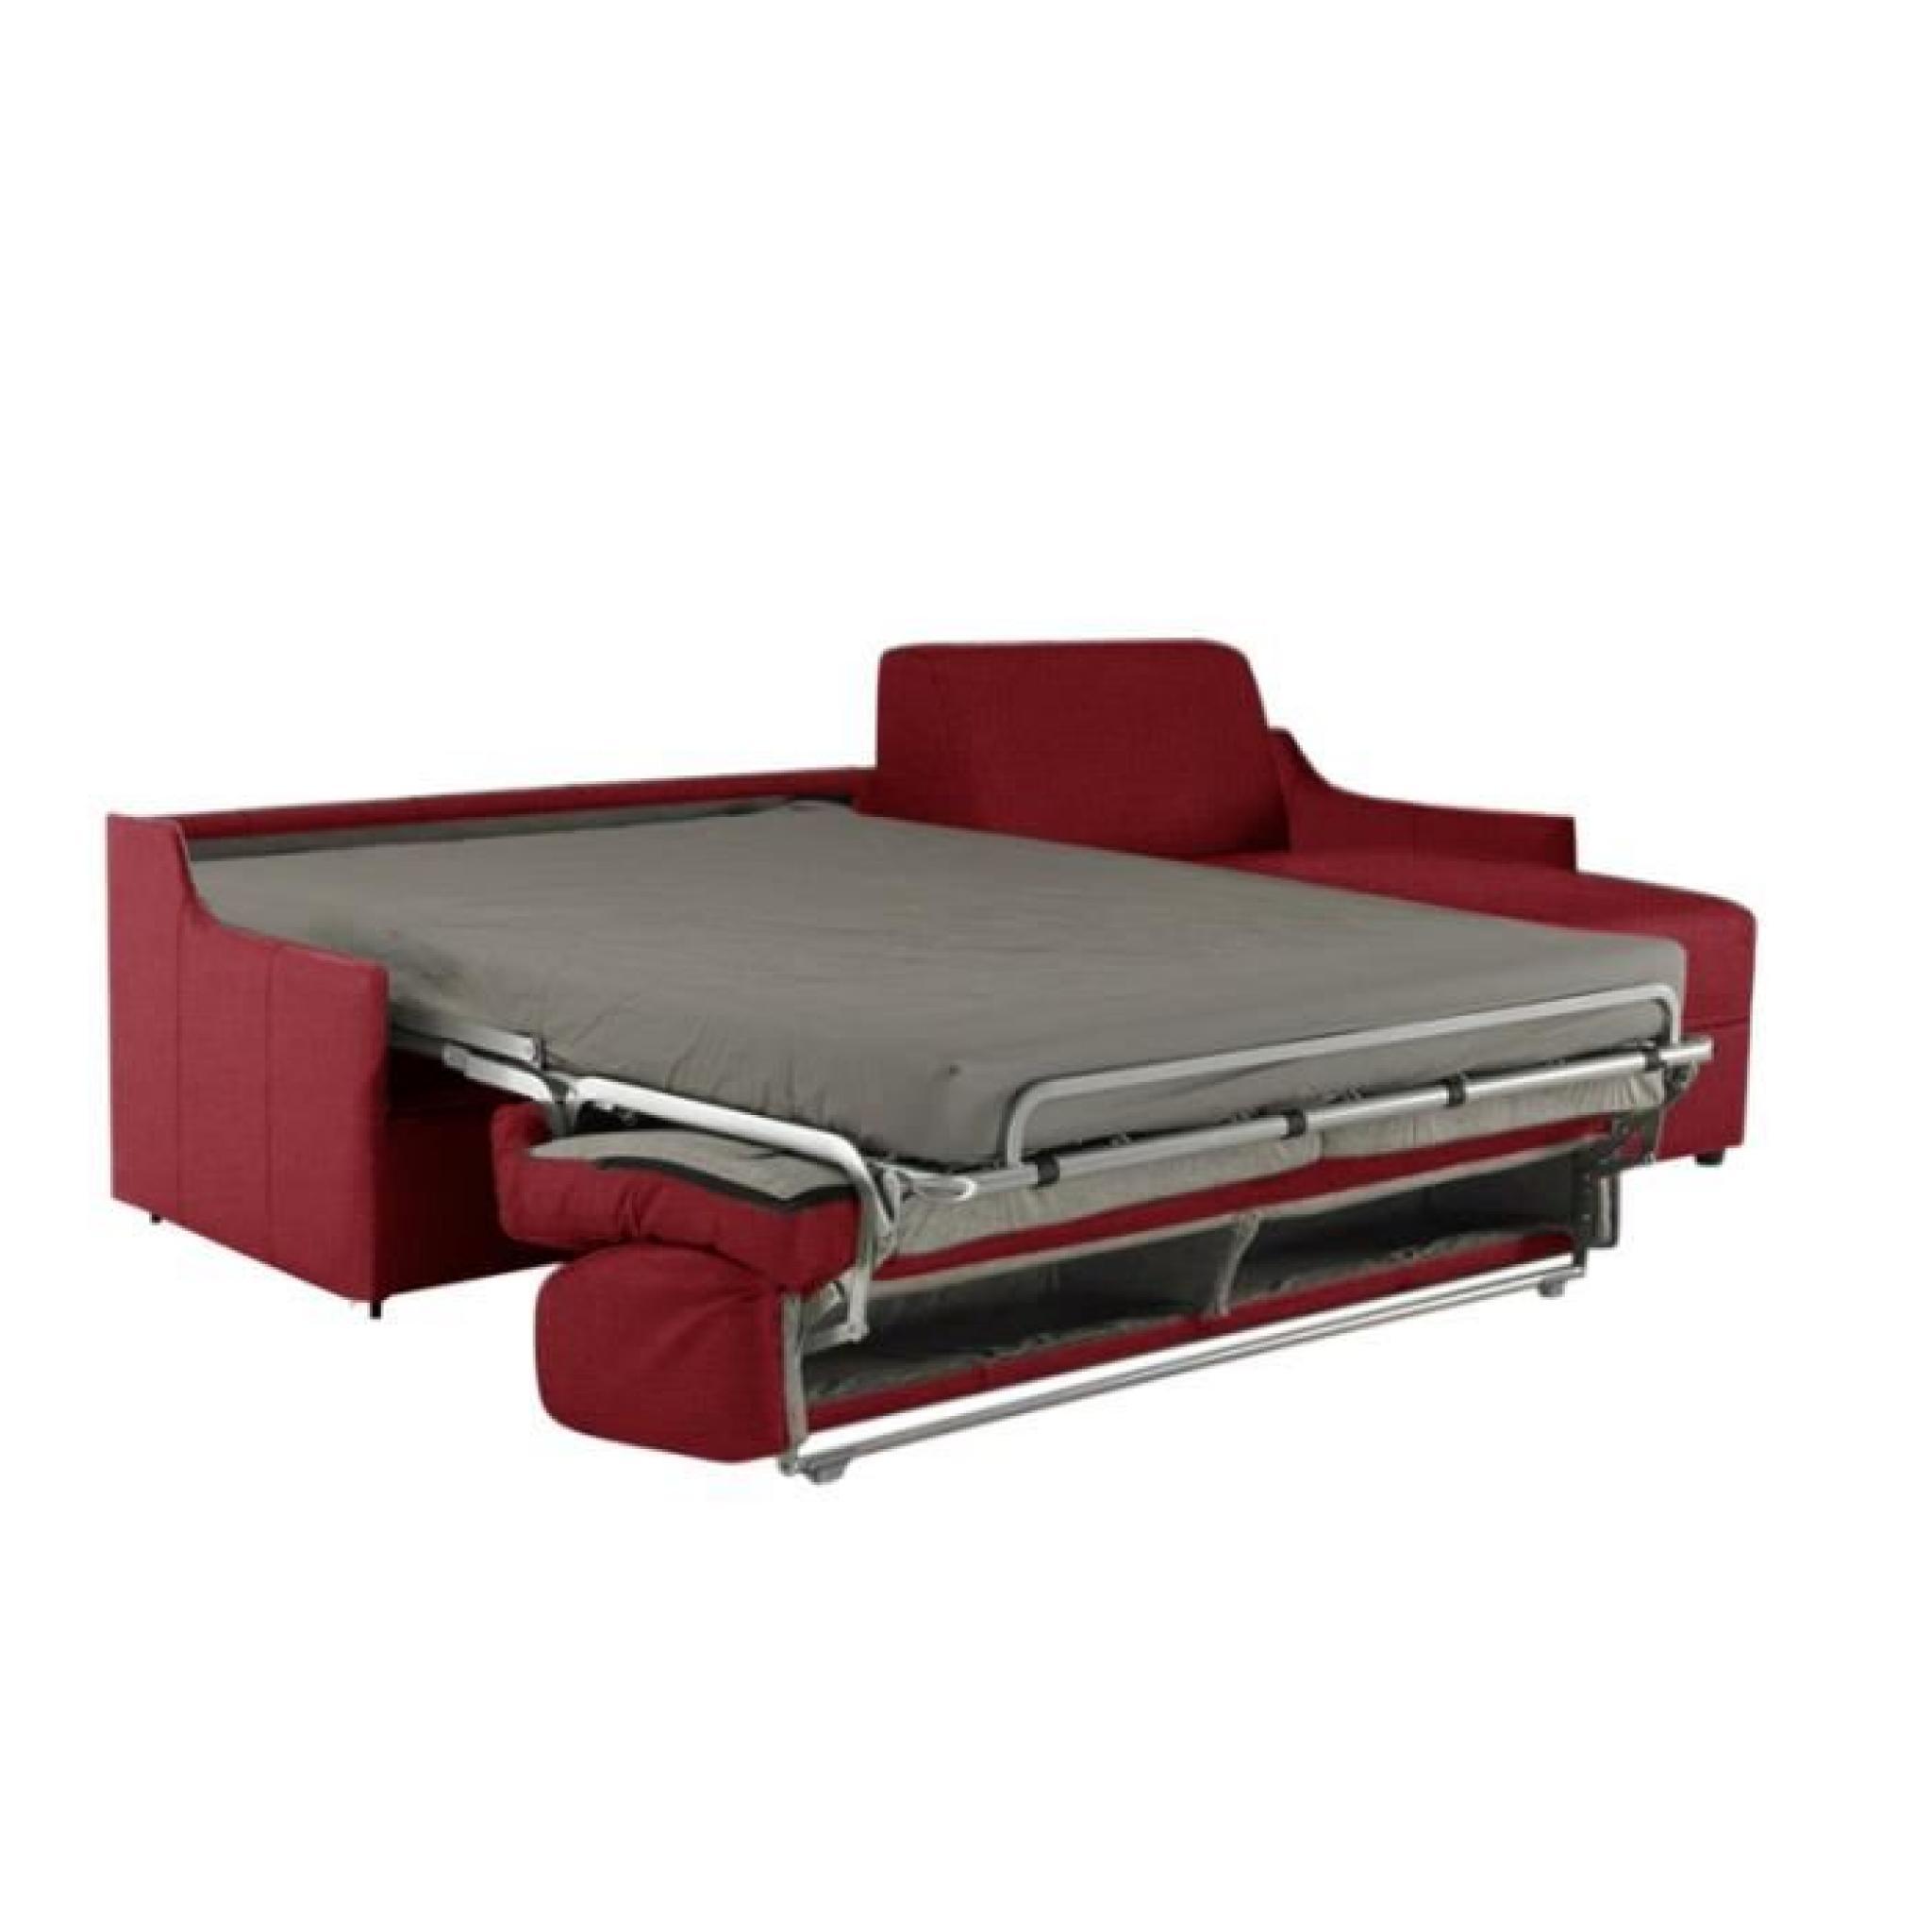 Vente de canapé lit